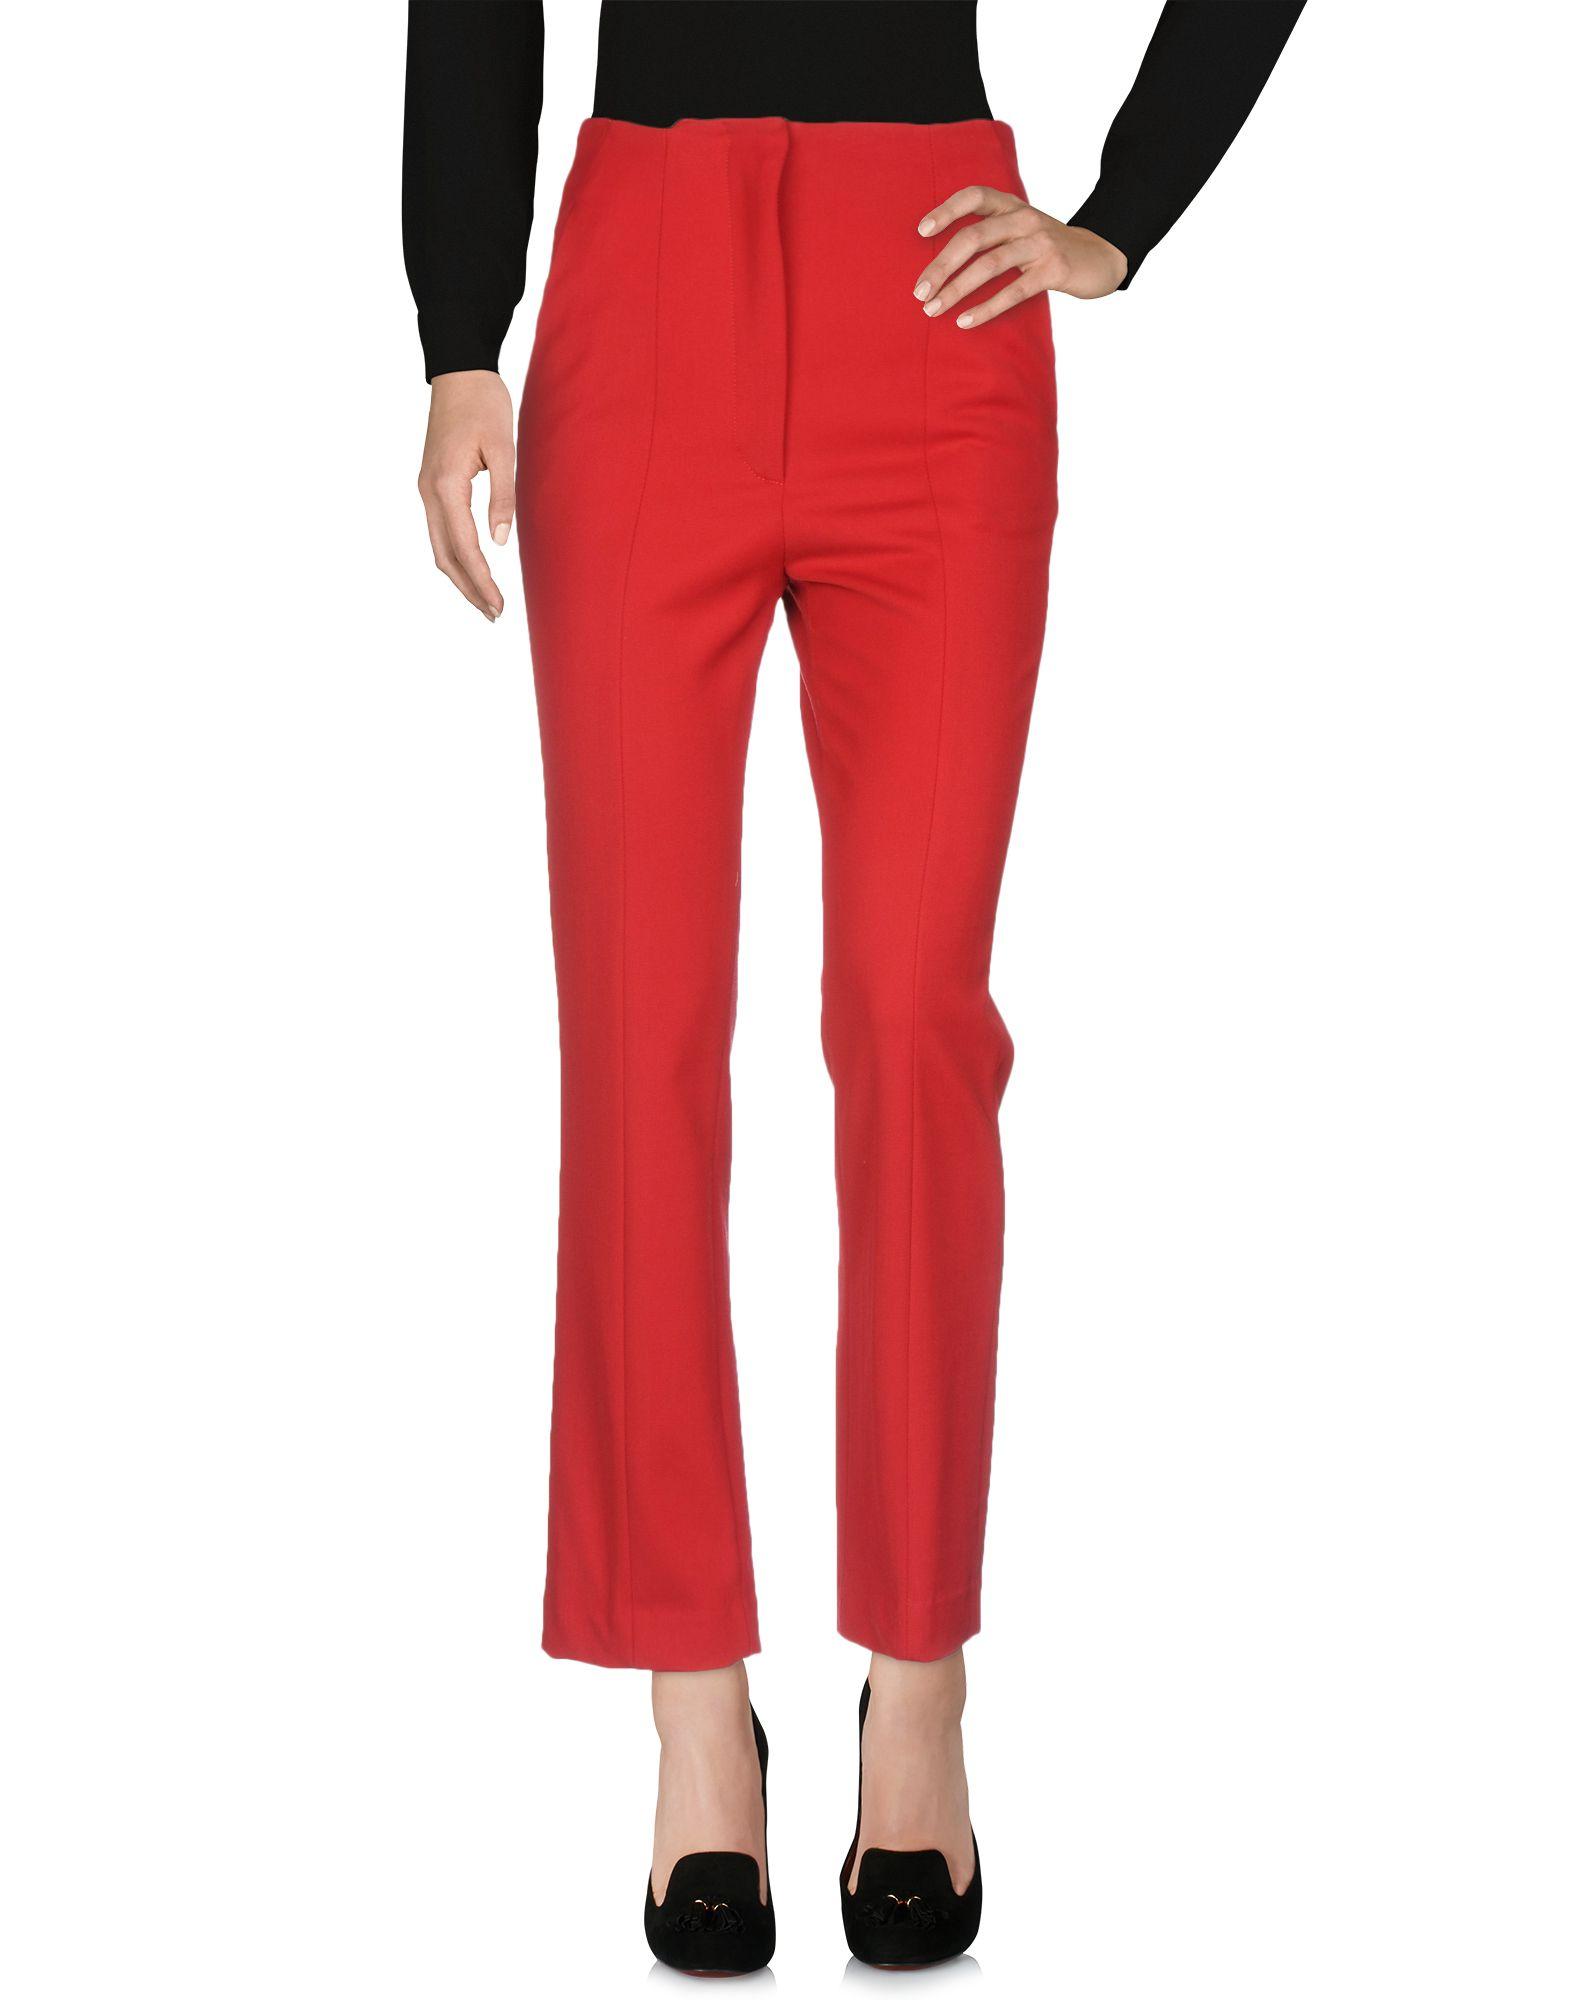 Pantalone Dondup Donna - Acquista online su CeeMZU